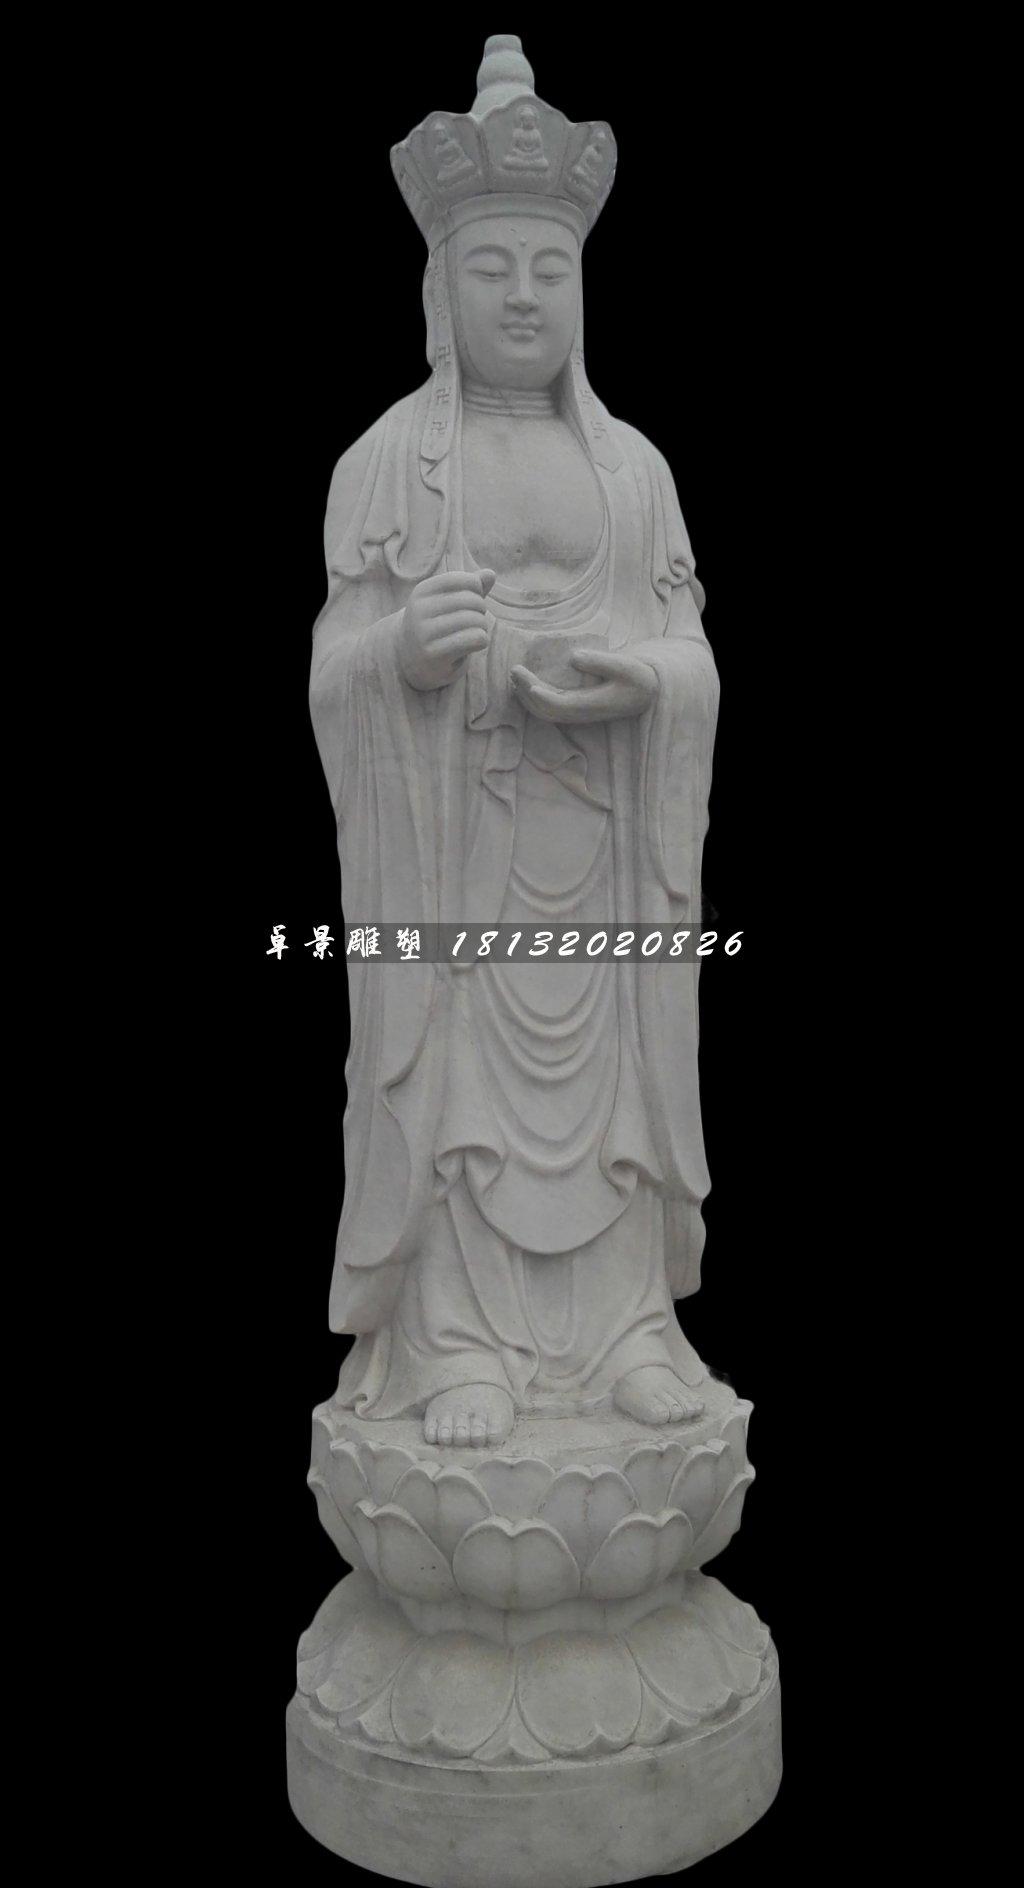 地藏菩薩石雕,立式佛像石雕